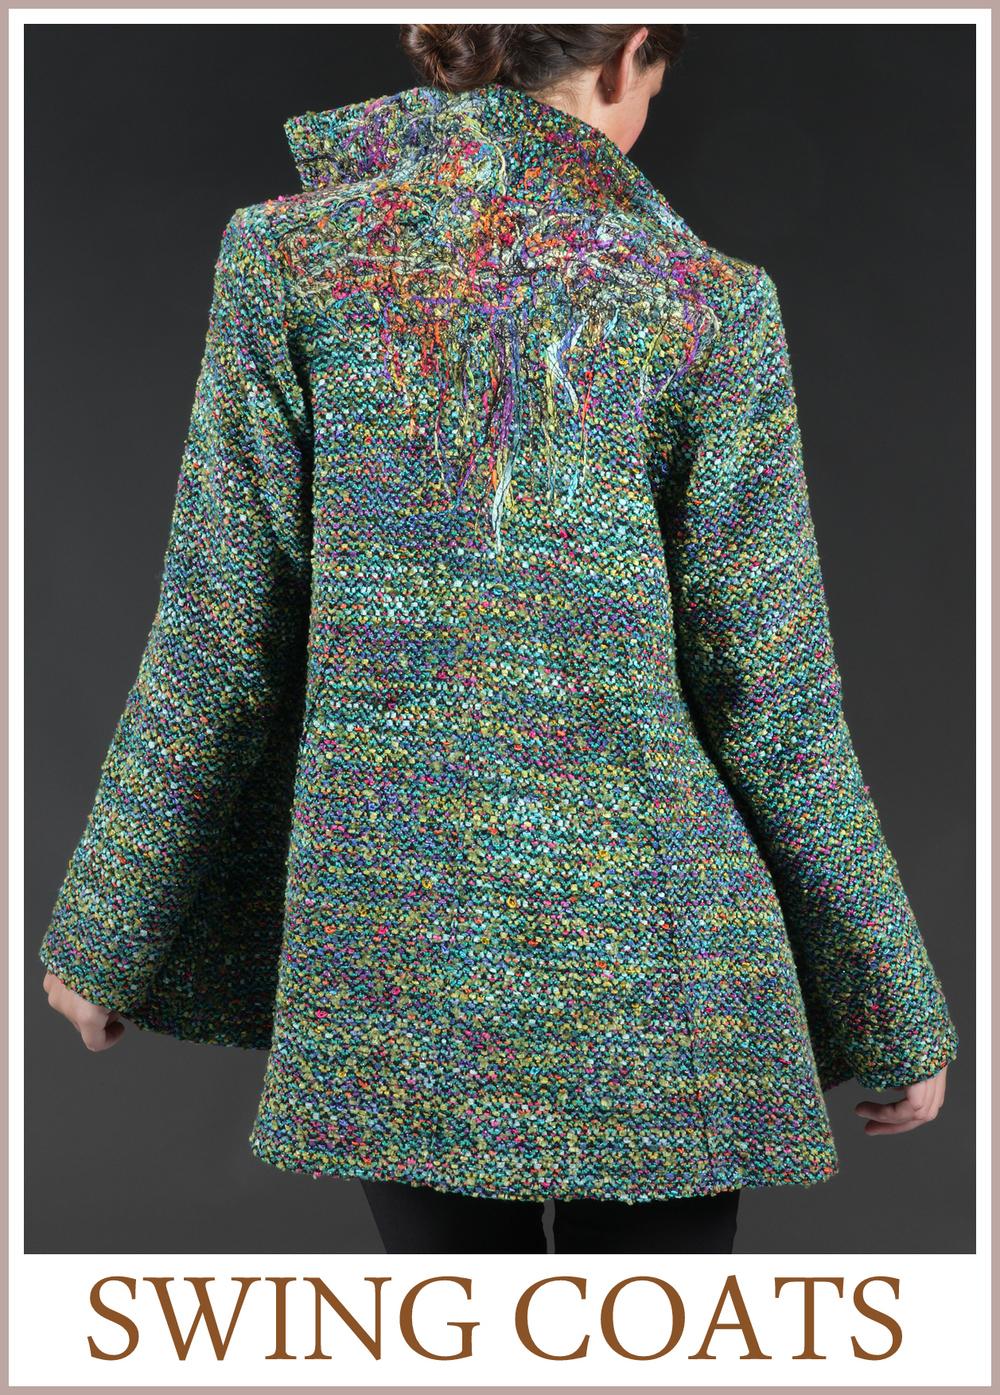 Kathy Weir-West, Artist, Weaver, Fashion Designer 5a.jpg